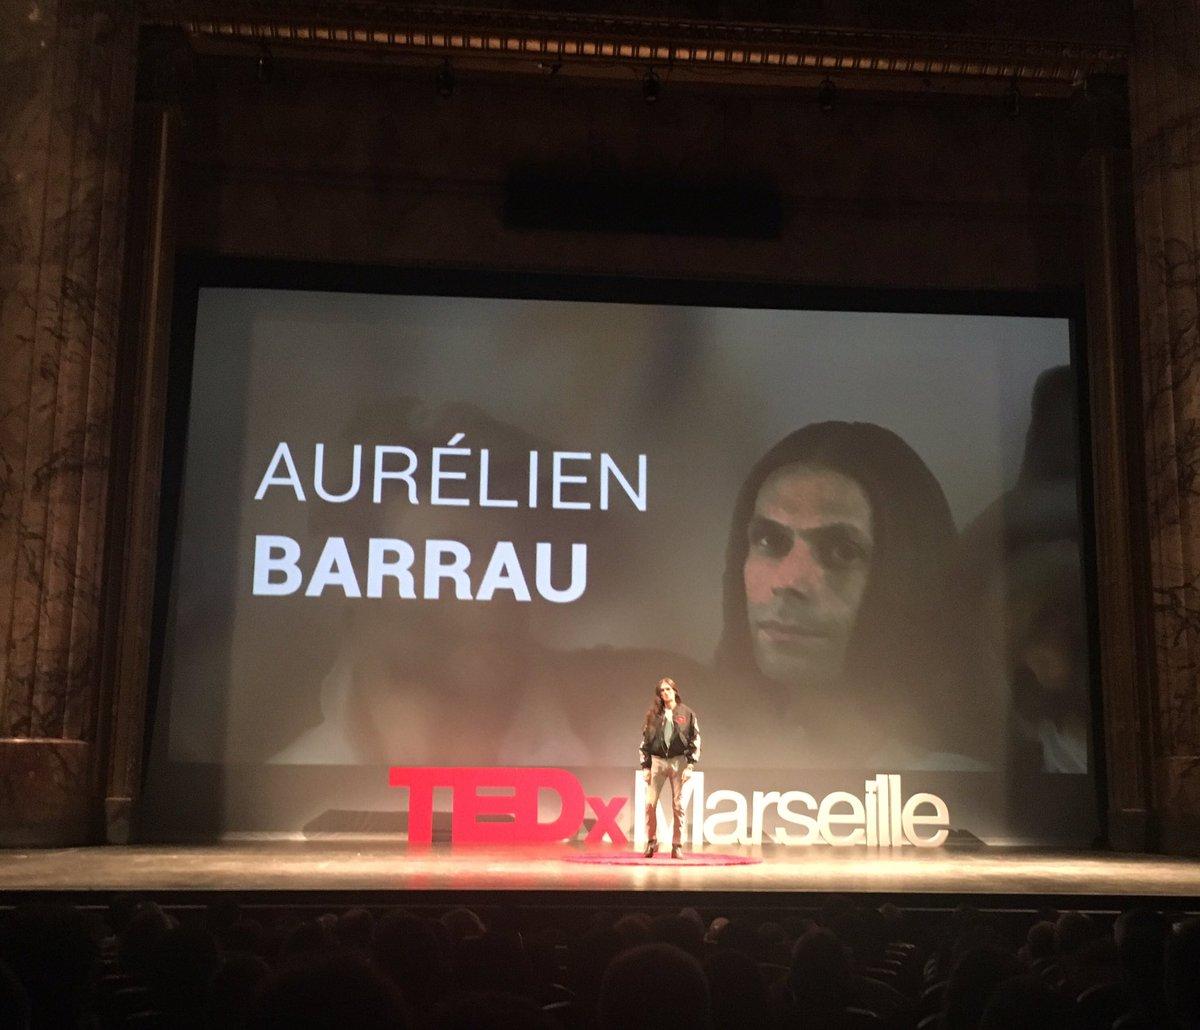 RT @CinAunay: #TEDxMarseille Superbe intervention d'Aurelien Barrau sur les trous noirs https://t.co/mRi9jhQup0